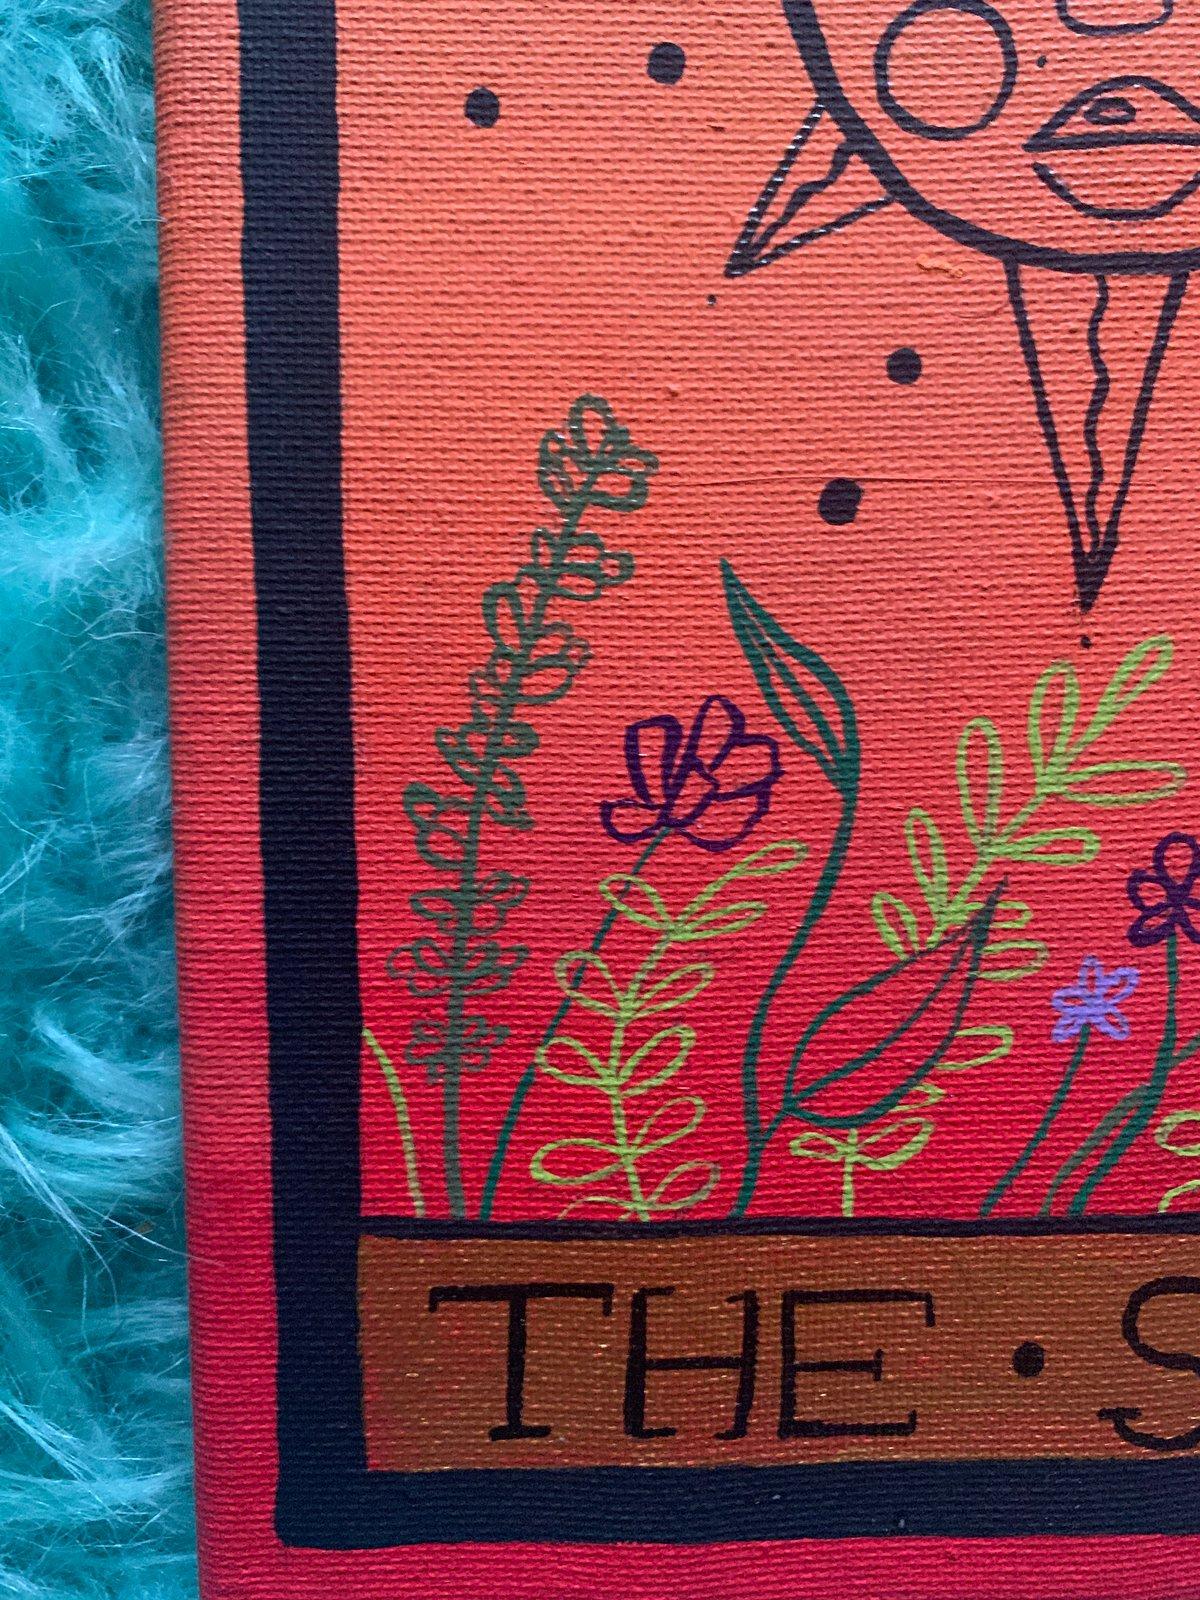 Image of The sun tarot